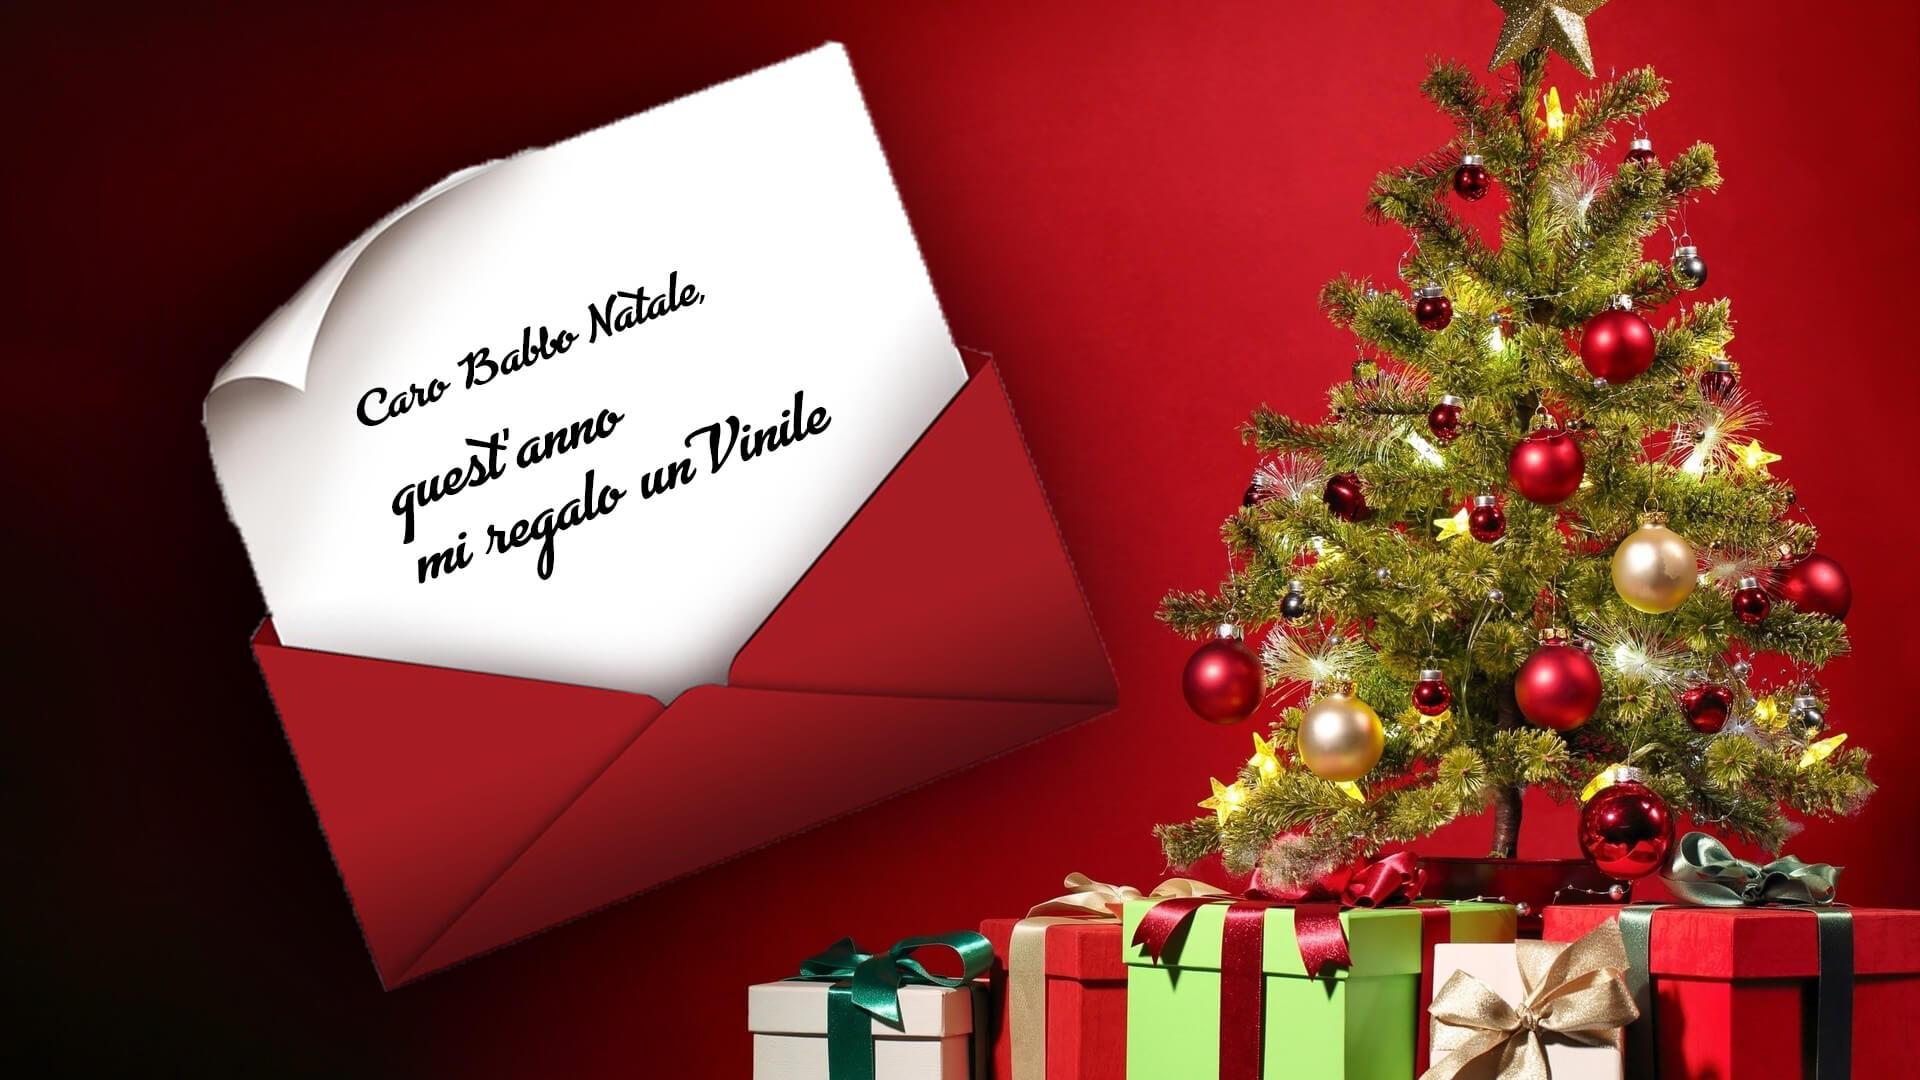 Caro Babbo Natale, quest'anno mi regalo un Vinile